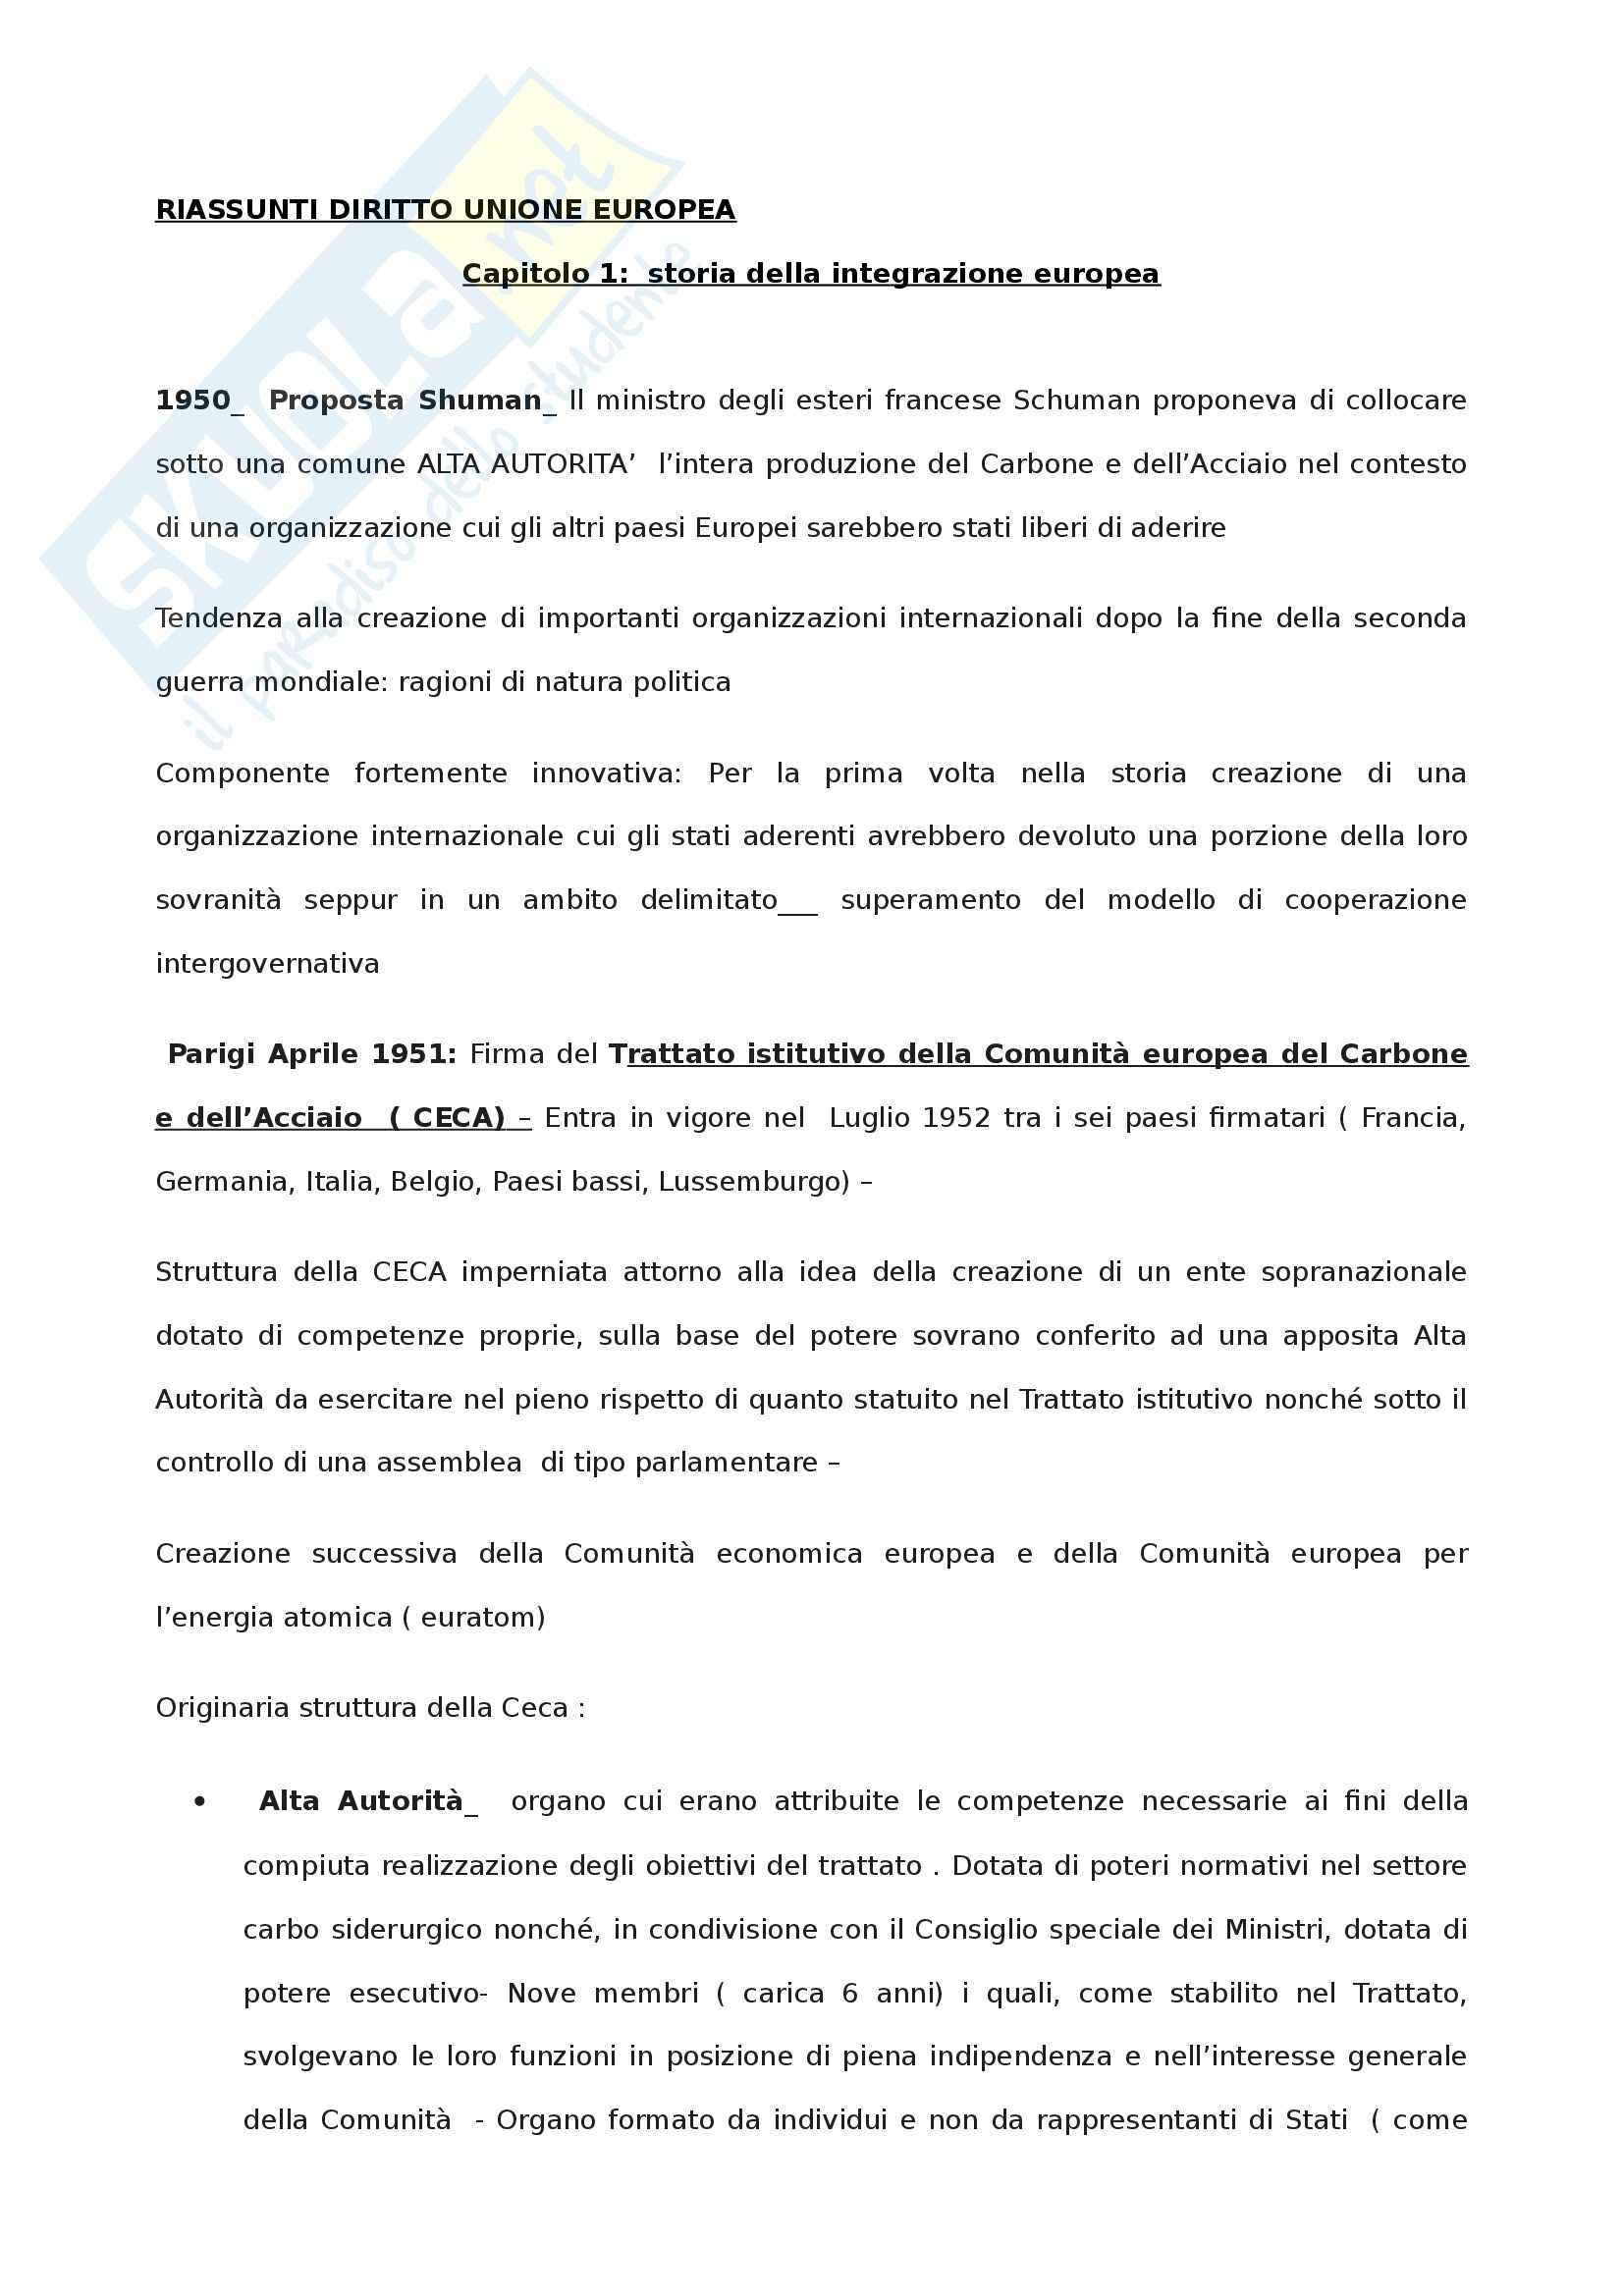 Diritto dell'Unione Europea - Riassunto esame, prof. Parisi